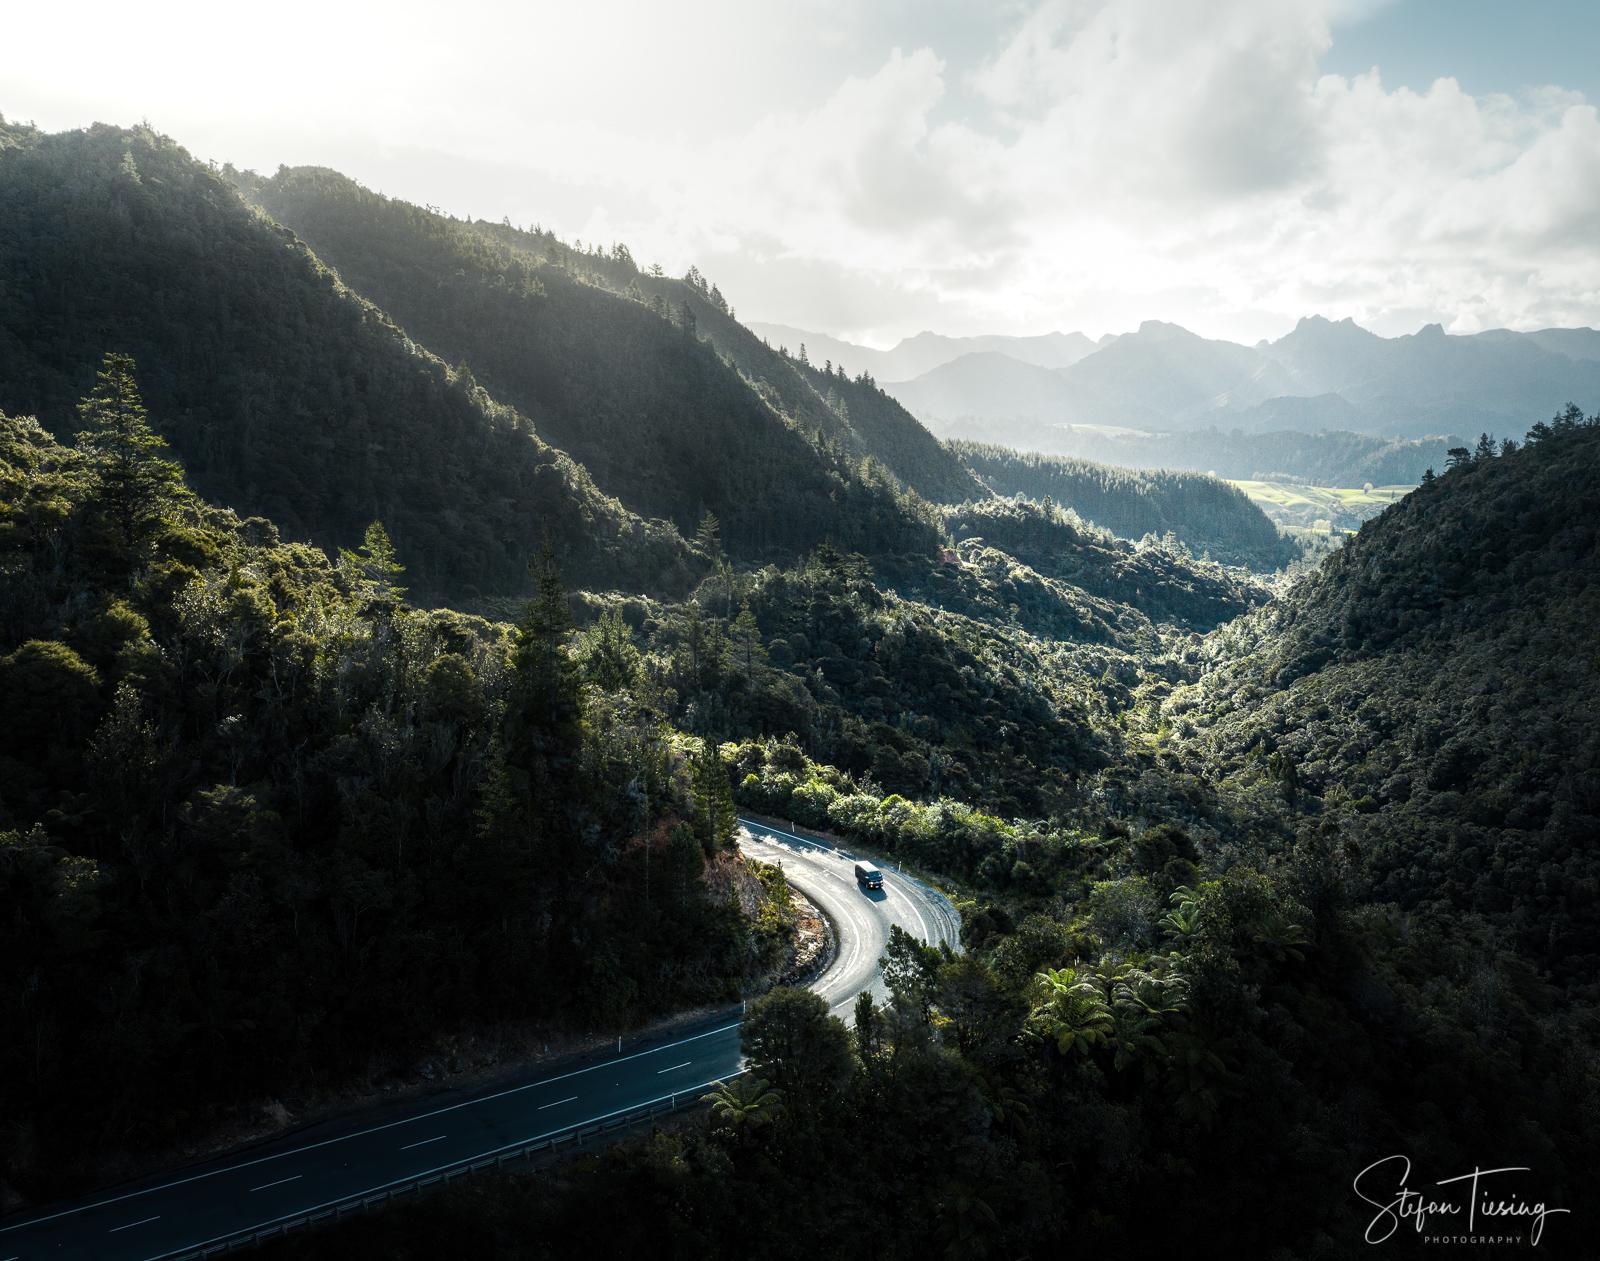 Hikuai Valley at Coromandel Peninsula